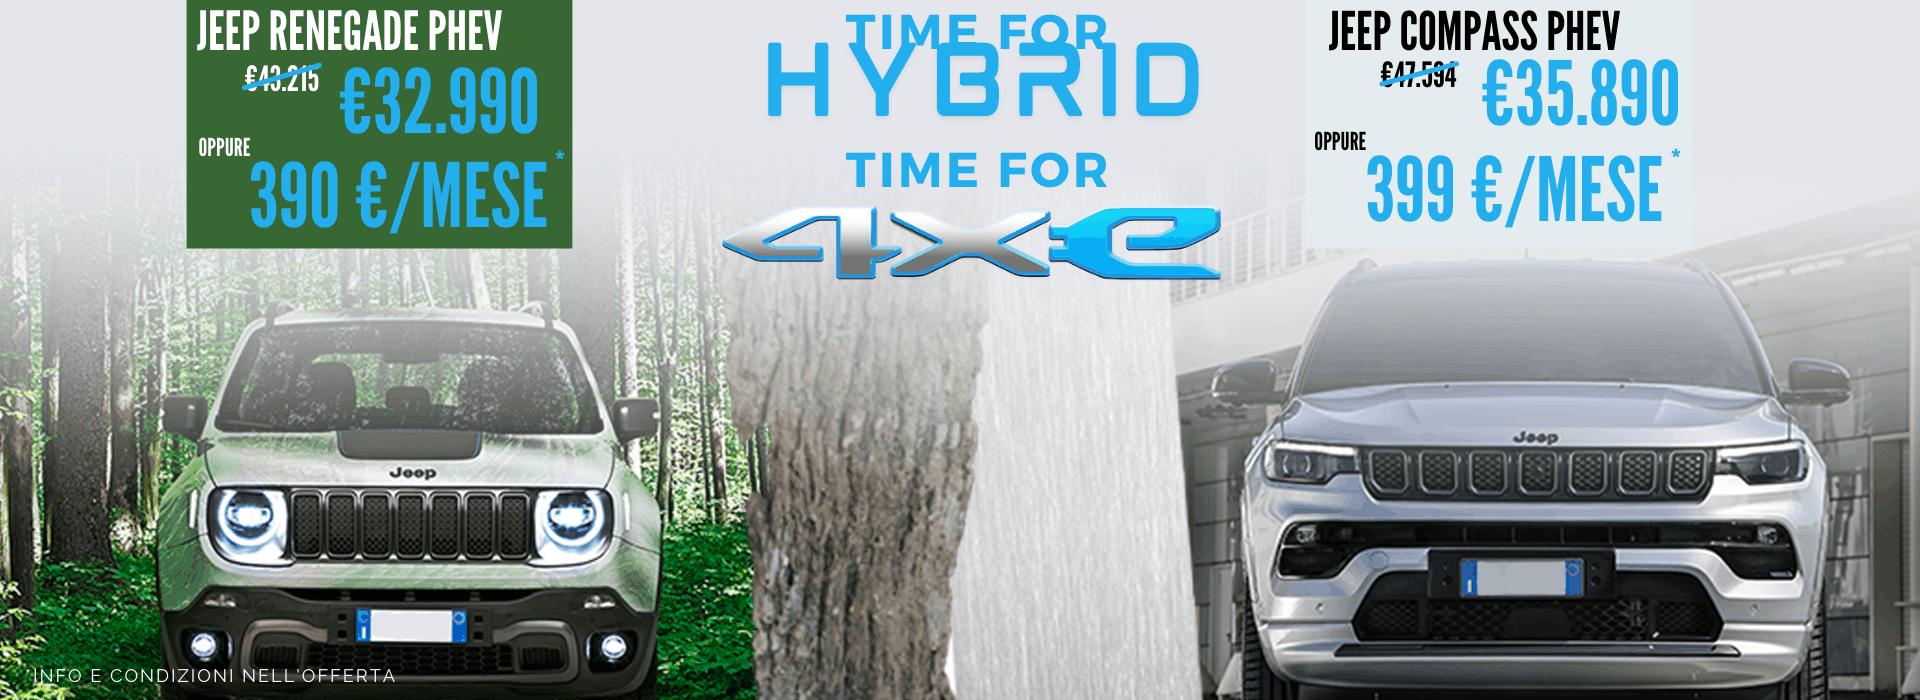 Jeep Compass e Renegade Hybrid